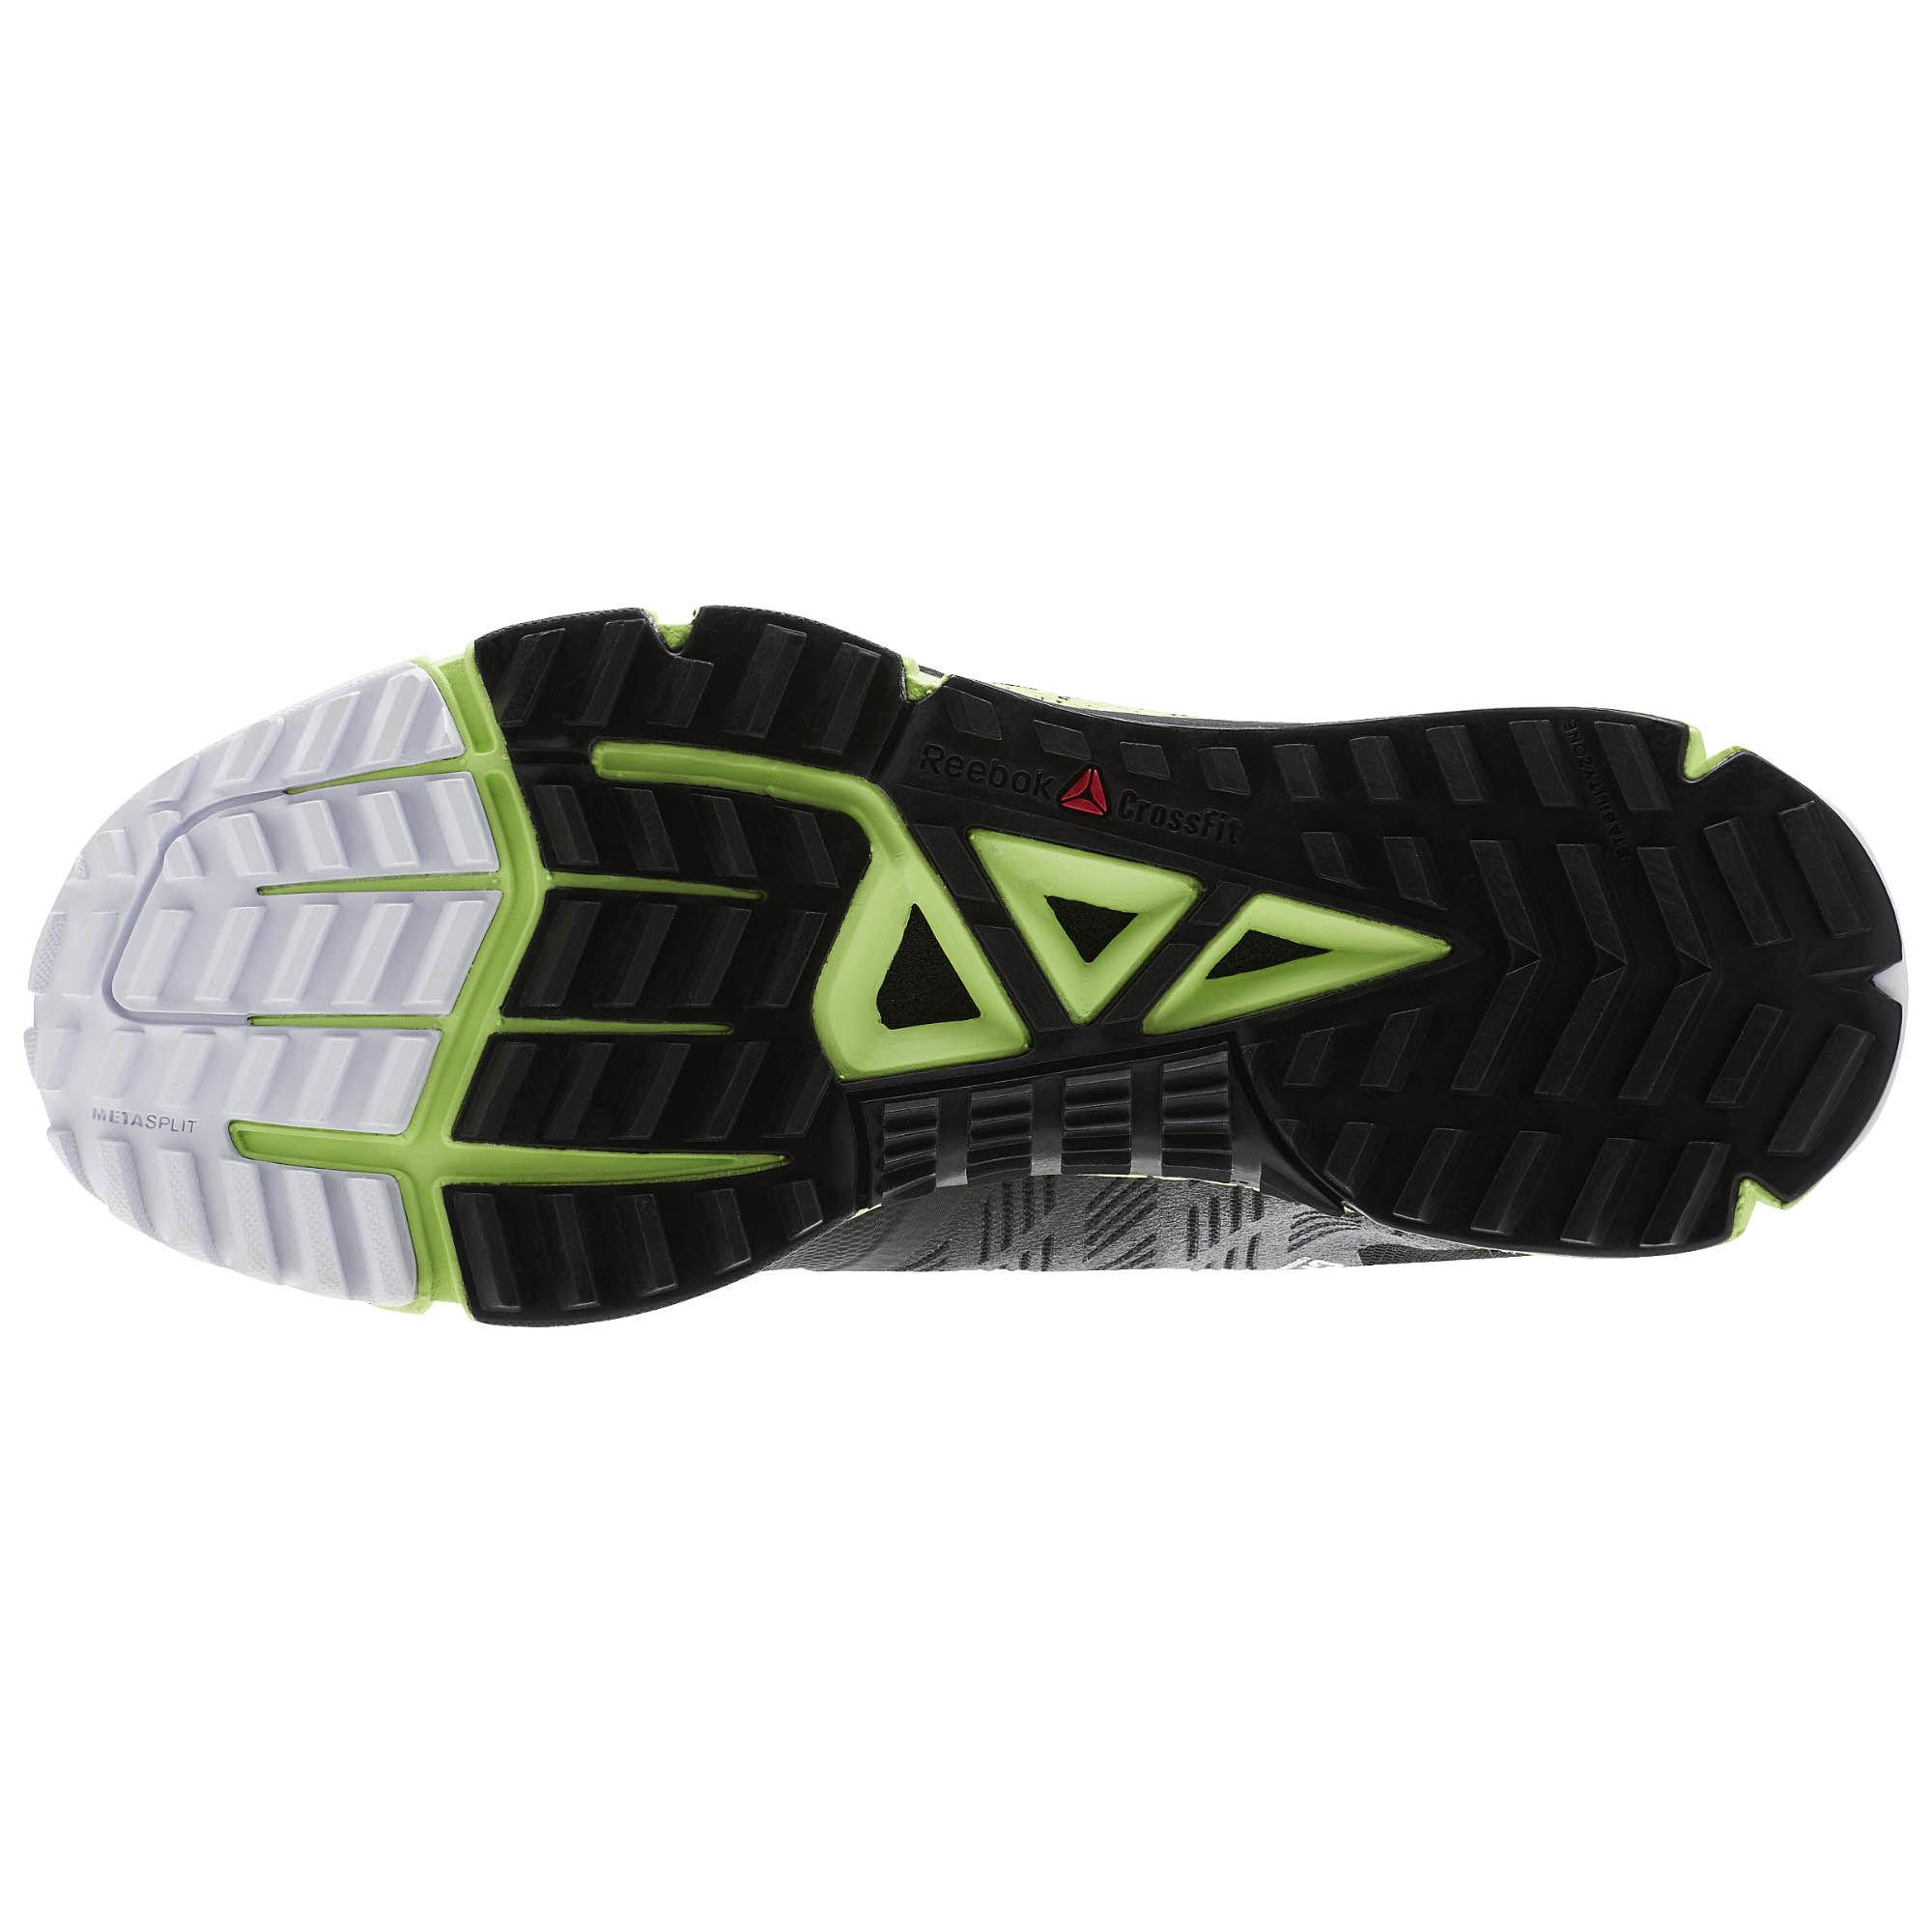 Кроссовки Reebok CrossFit Speed Field 2.0 M BS8110  c14ba971a80e4